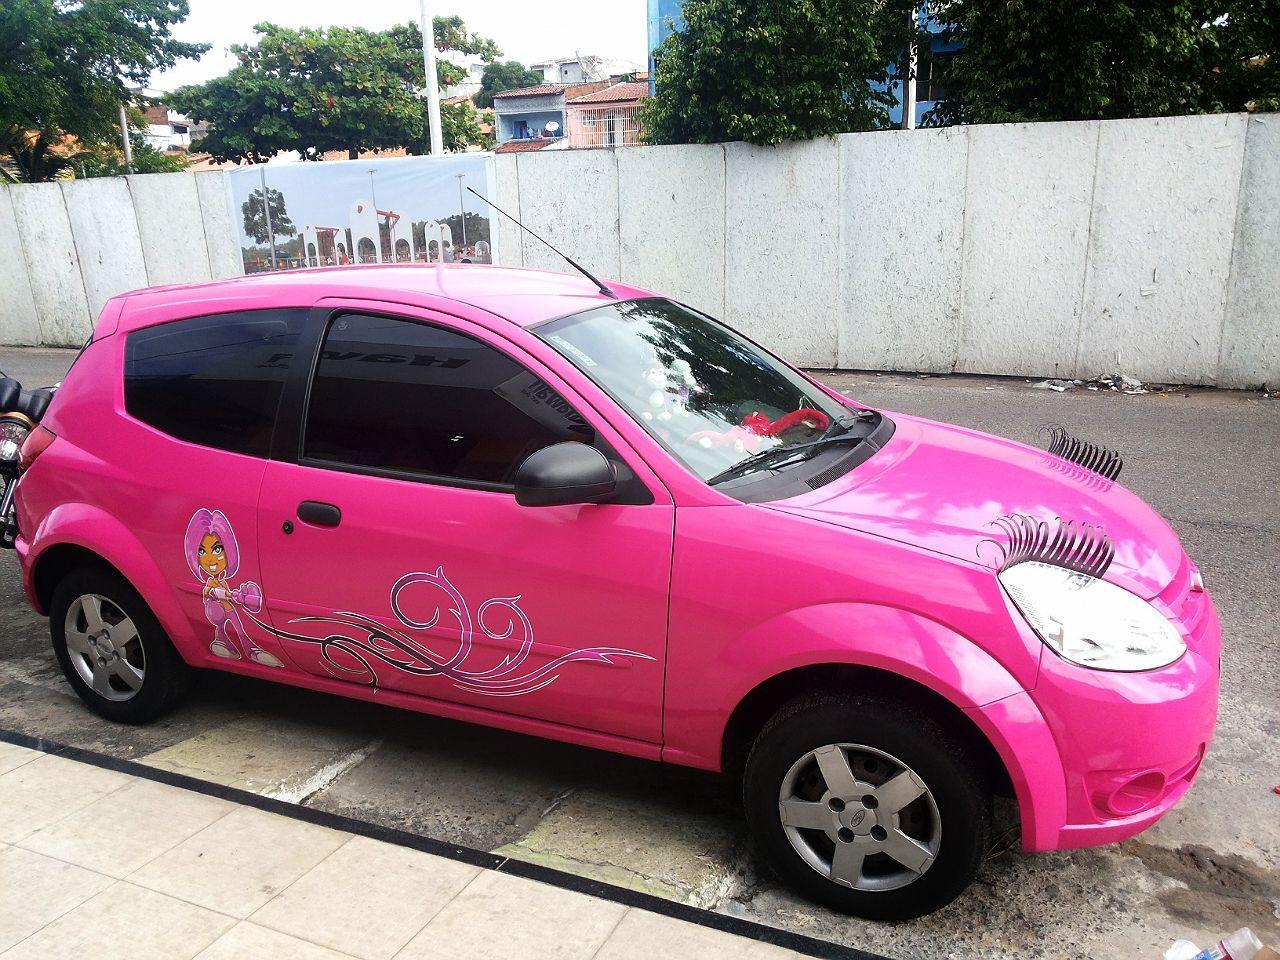 Ford Ka. Esse é o carro da Kaká, da Bahia. Cliente da loja Carro de Bolso. lojacarrodebolso.com.br